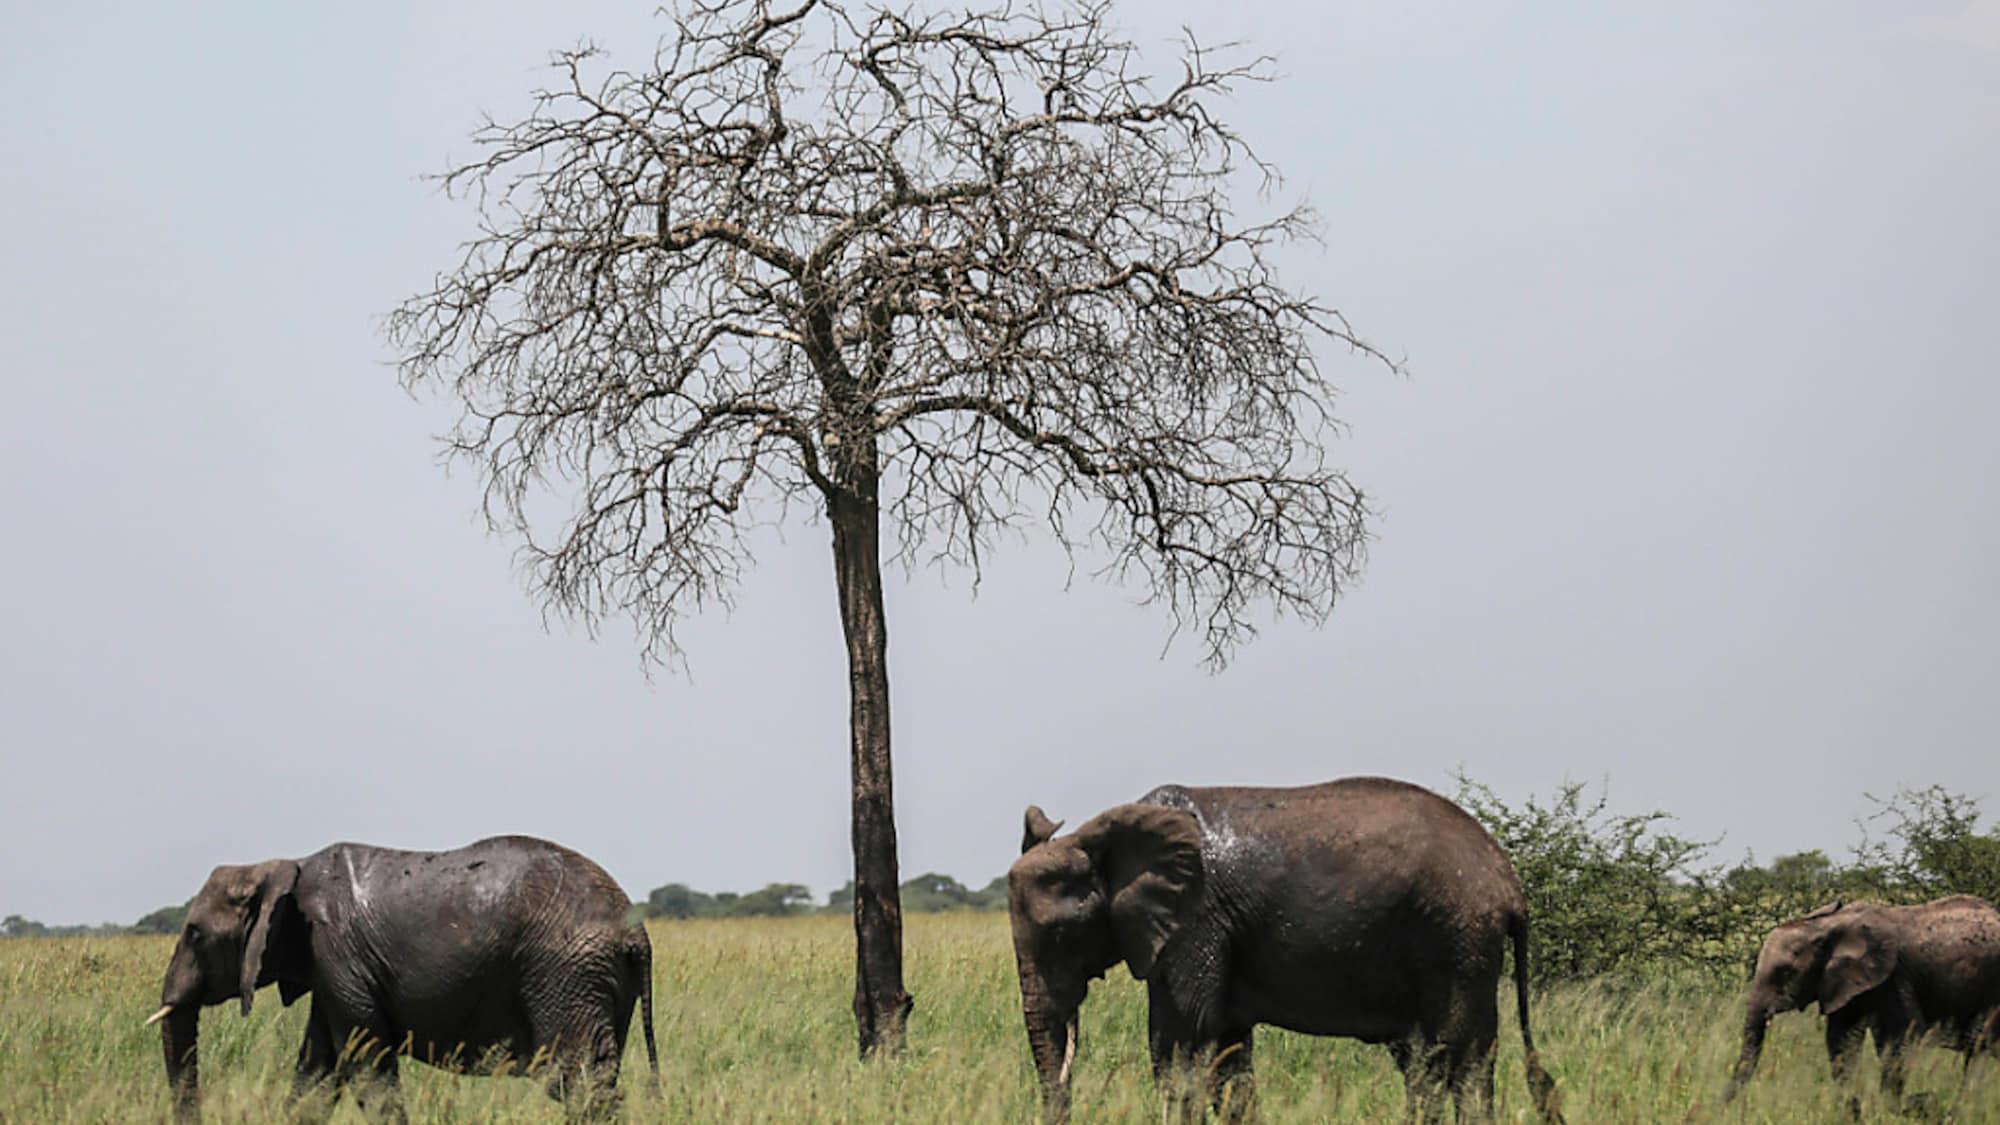 Artenschutz: Uno-Konferenz will Verkauf wilder Elefanten an Zoos verbieten